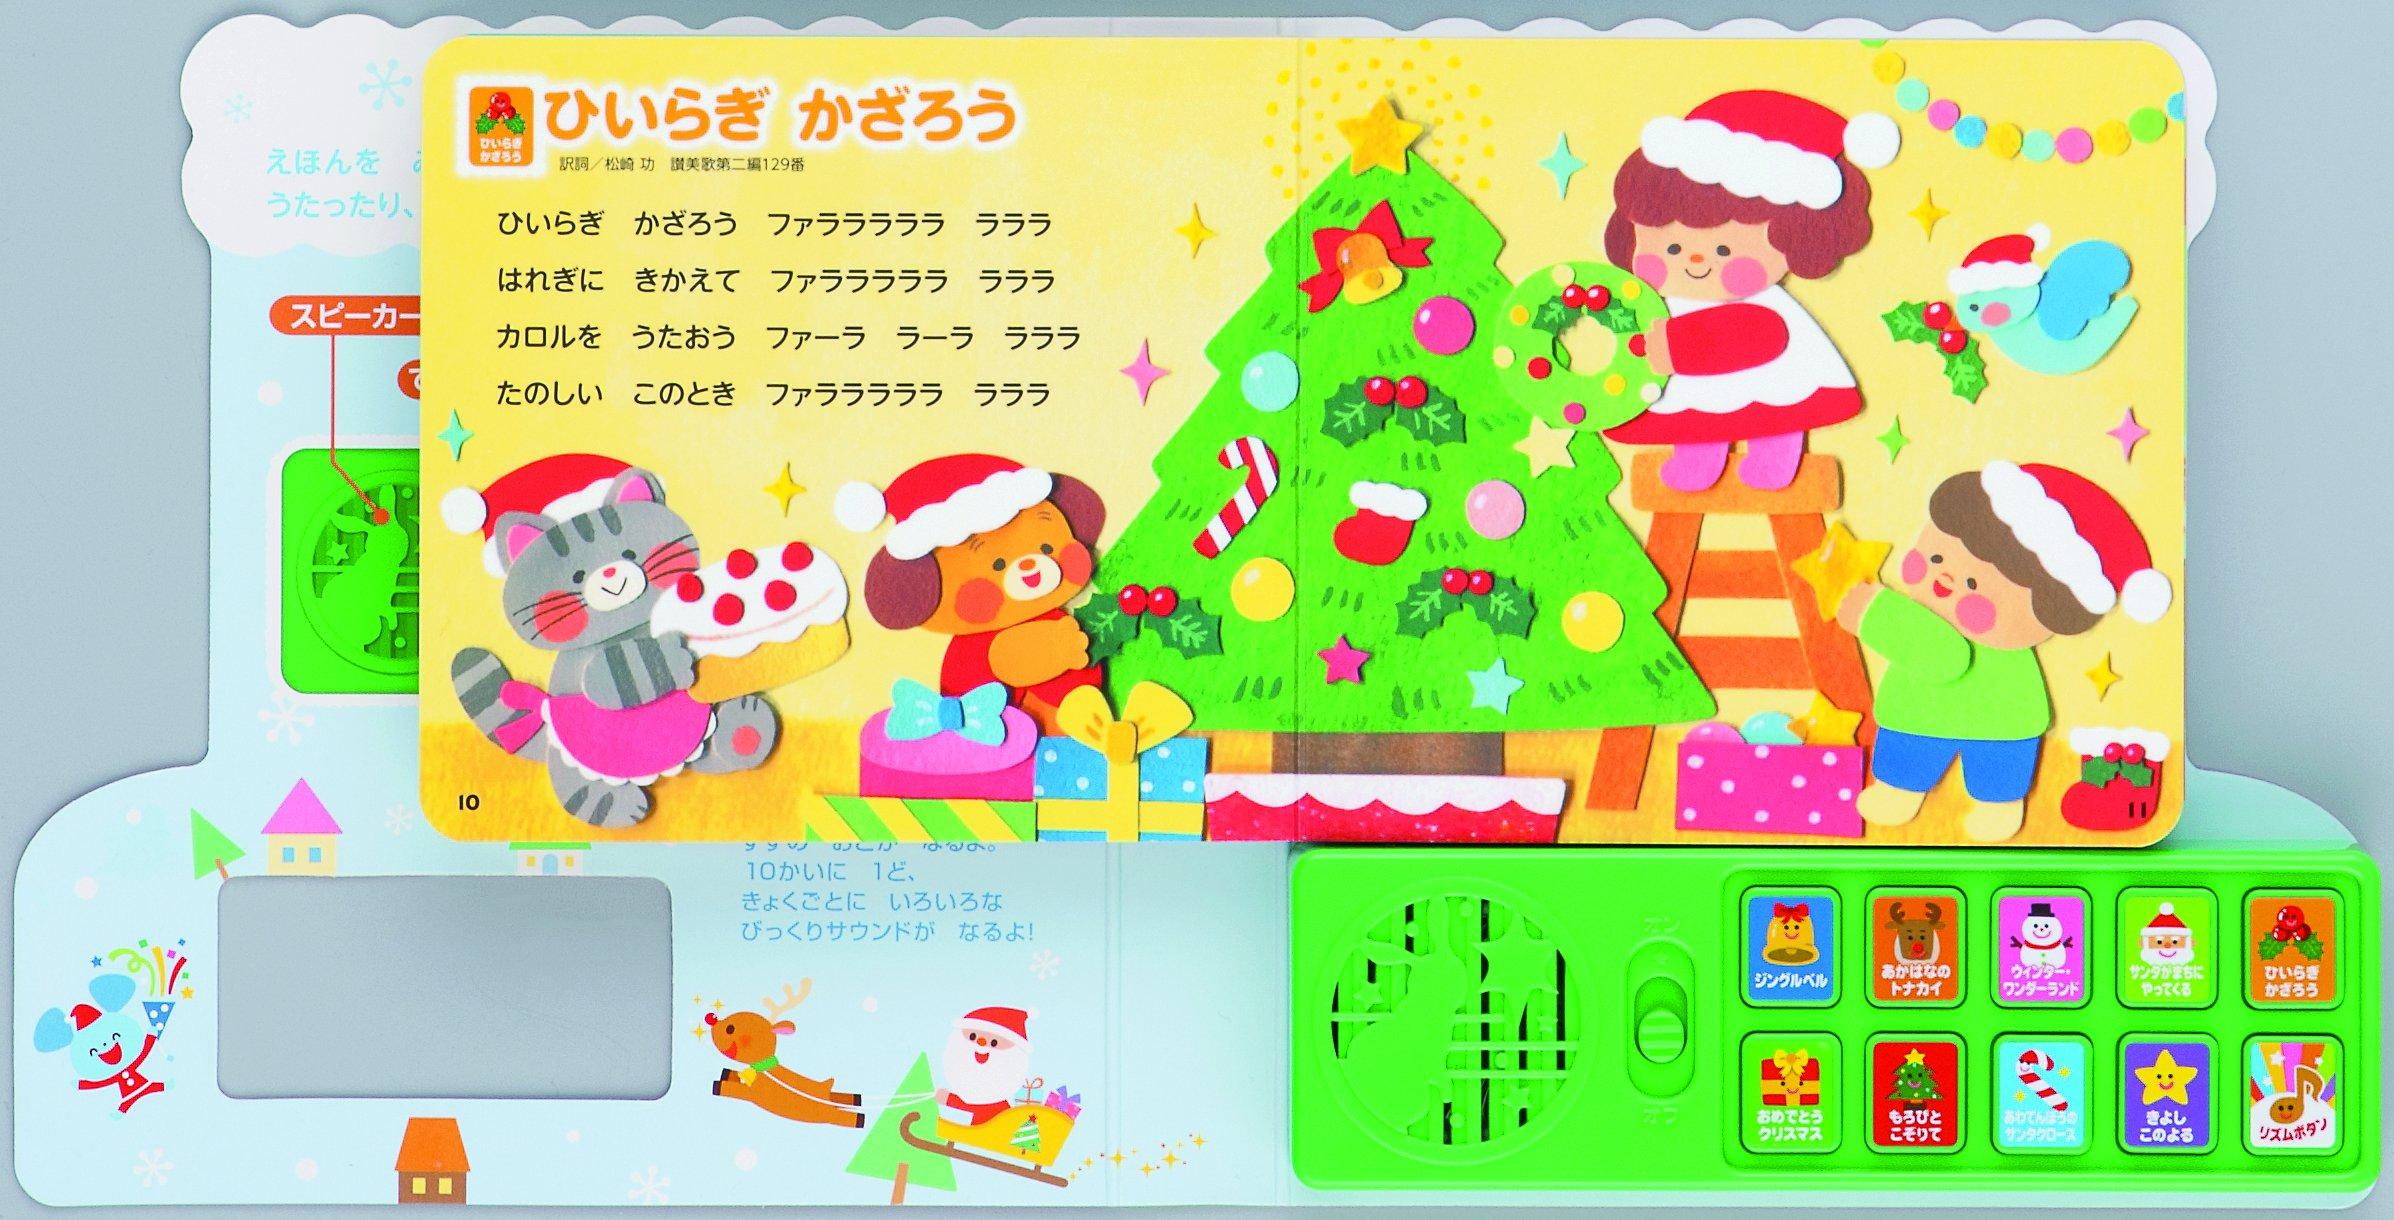 『おとのでる クリスマスのうたえほん』